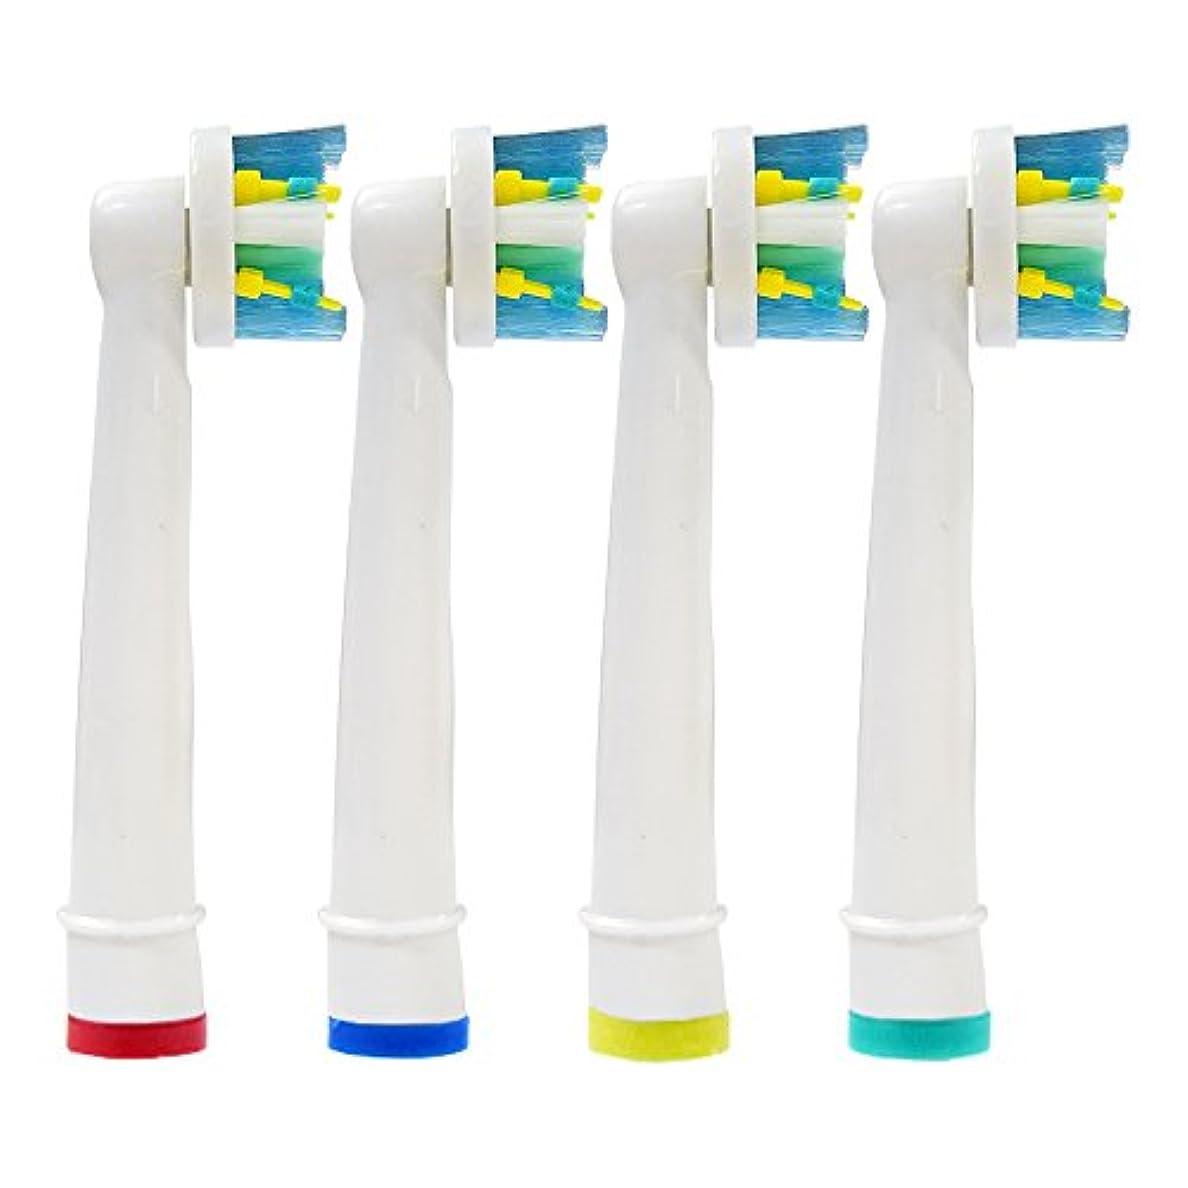 家畜暗唱するコンセンサスブラウン オーラルB EB25-4本セット新互換替電動歯ブラシ替えブラシ 歯間ワイパー付ブラシ  お口の衛生管理:品質1か月保証と保管1年保証の2大保証 【Mint製】